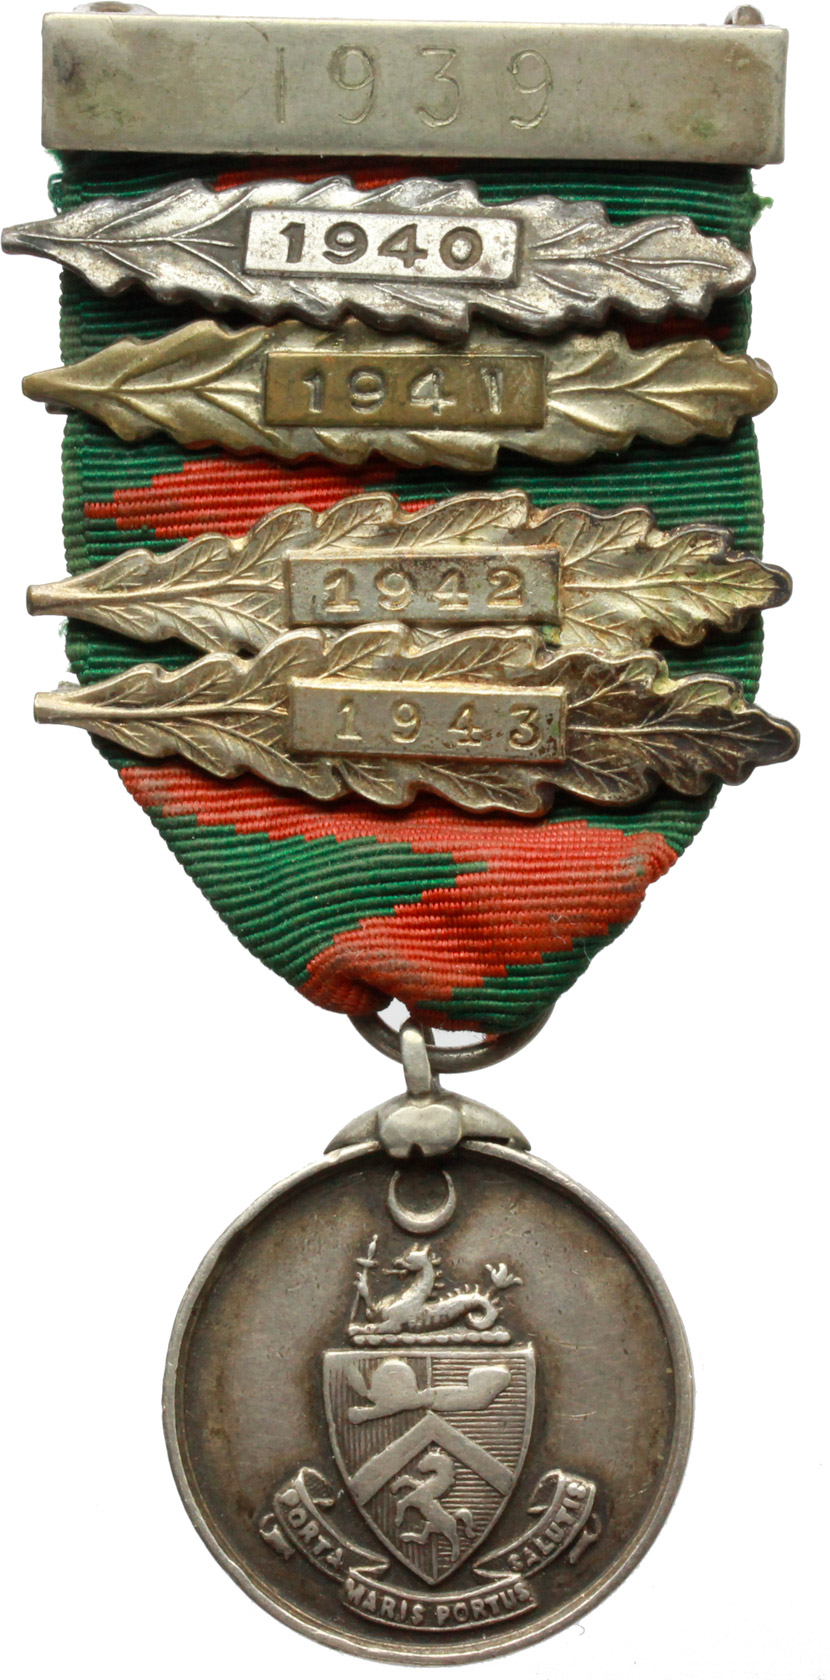 D/  Medaglia con motto 'Porta maris portus salutis' con nastrino e cinque fascette di metallo con date dal 1939 al 1943.     AG.   mm. 26.00    qSPL.